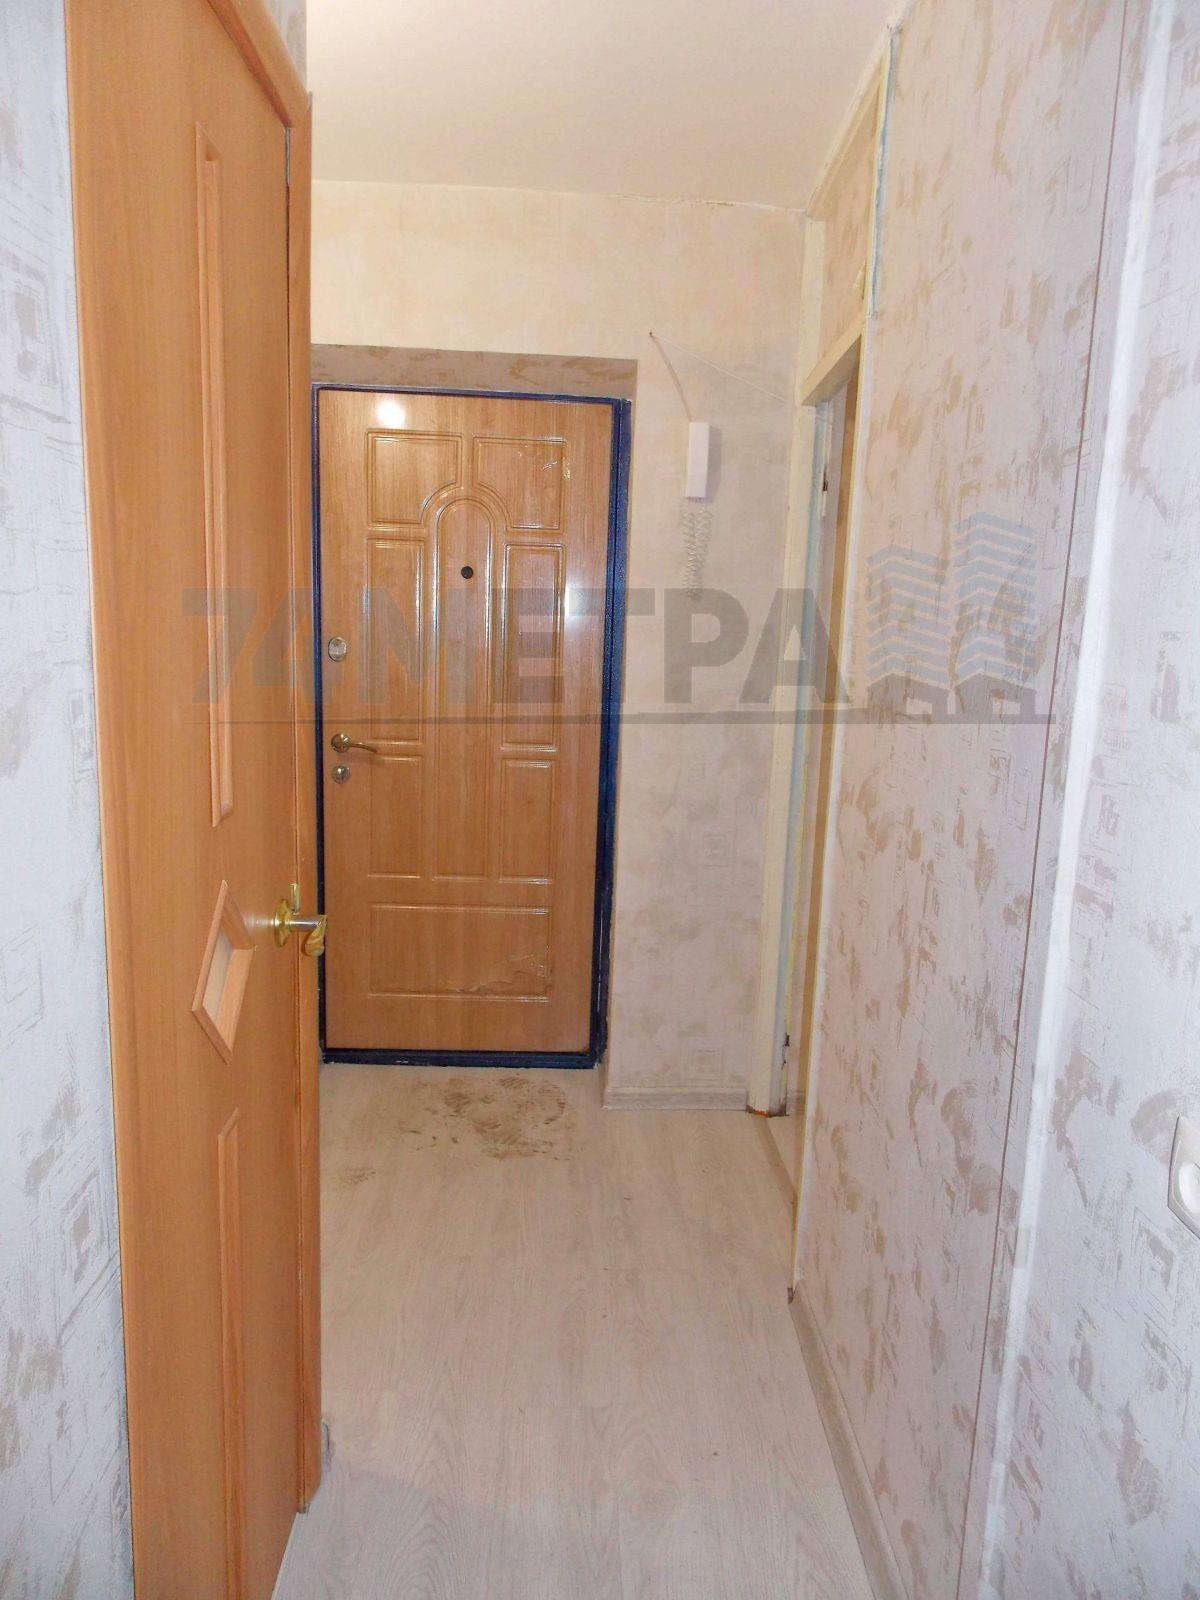 10 000 ₽, 1 - комнатная квартира, площадь 33 м², этаж 3/5